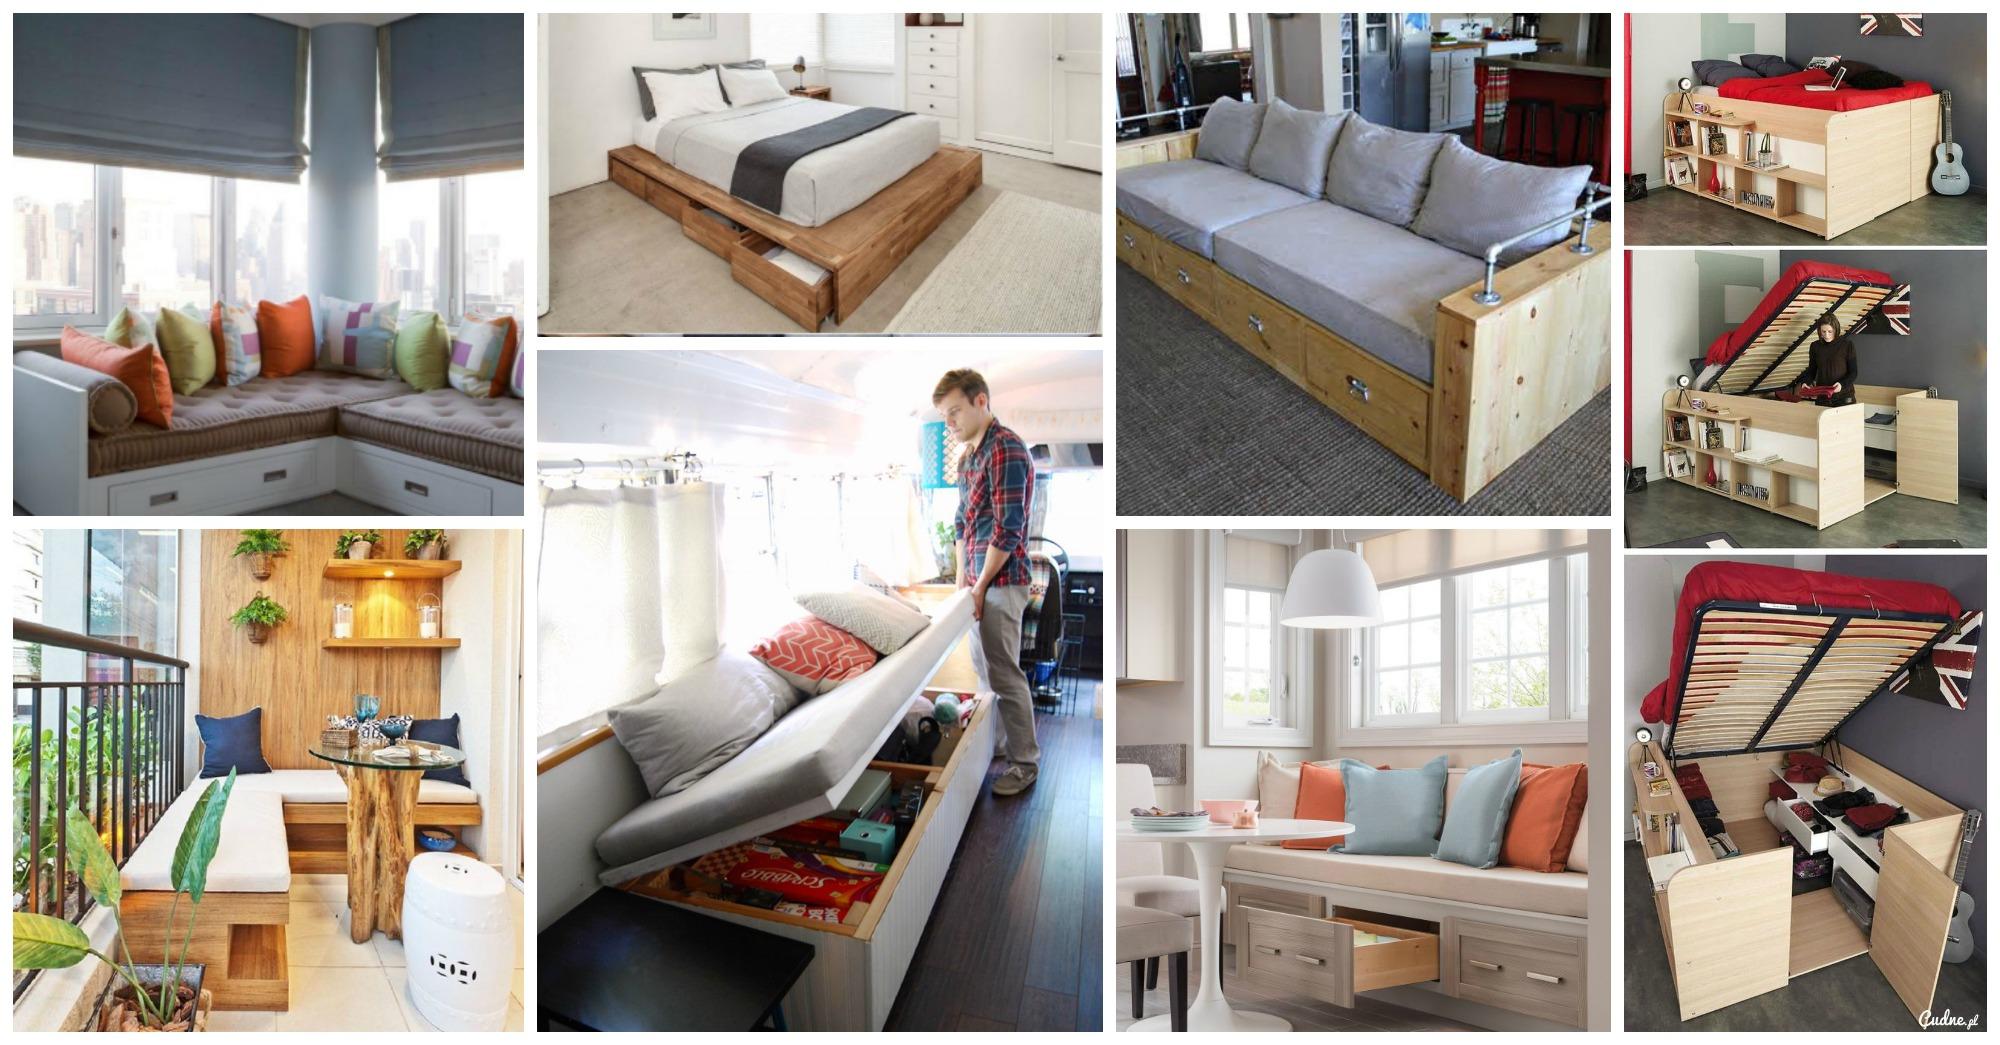 Ideas Muebles Casa With Ideas Muebles Bambu Muebles Ideas  # Muebles Soluciones